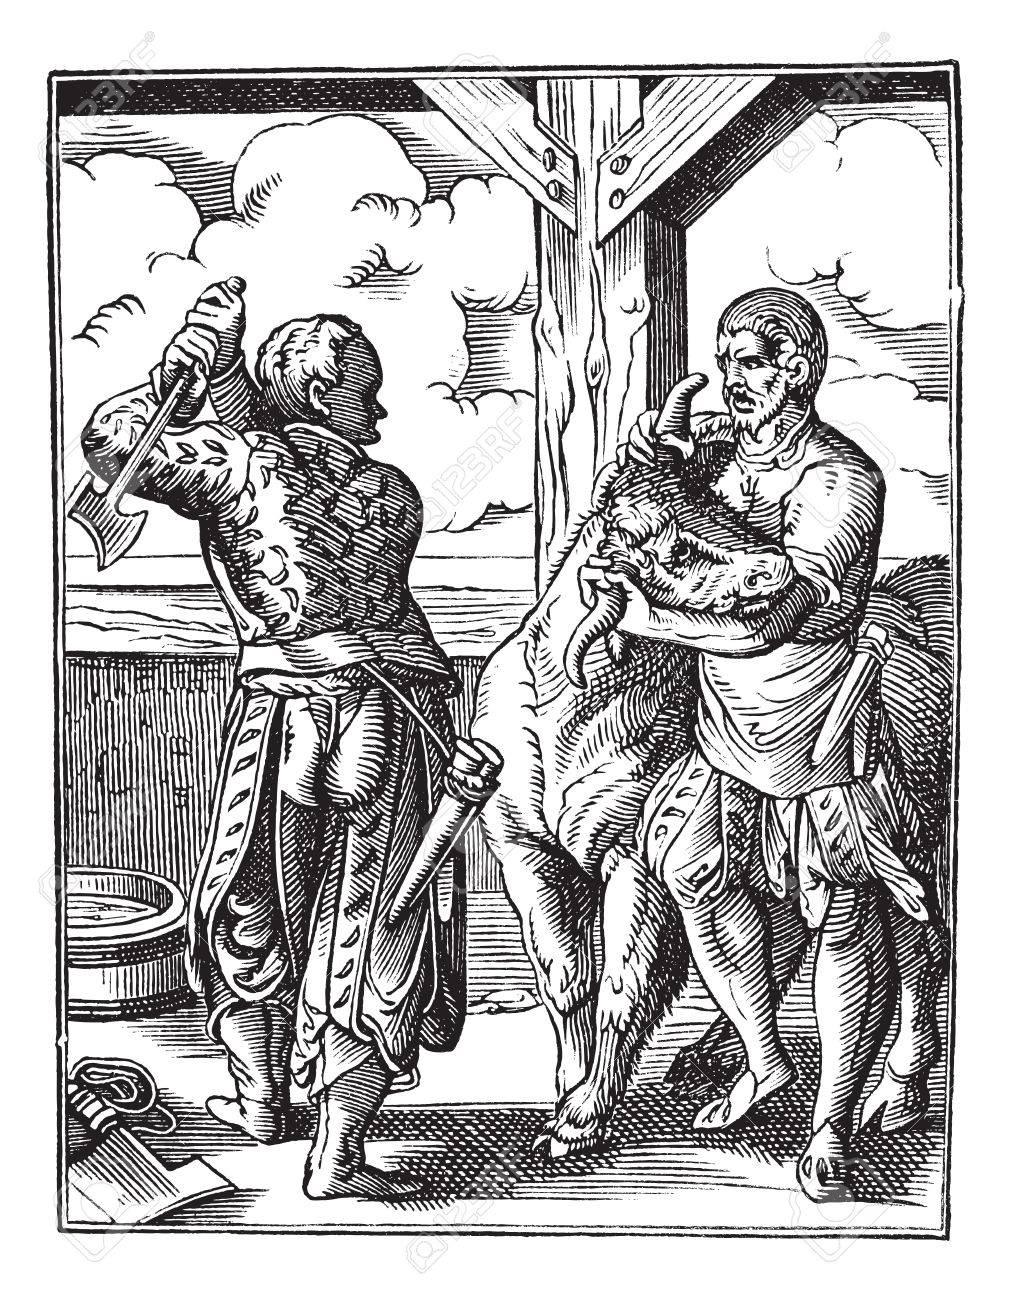 Fabriquer Valet De Chambre old gravé illustration de boucher avec son valet de chambre se apprête à  abattre un animal (xviiie siècle). encyclopédie industrielle e.-o. lami -